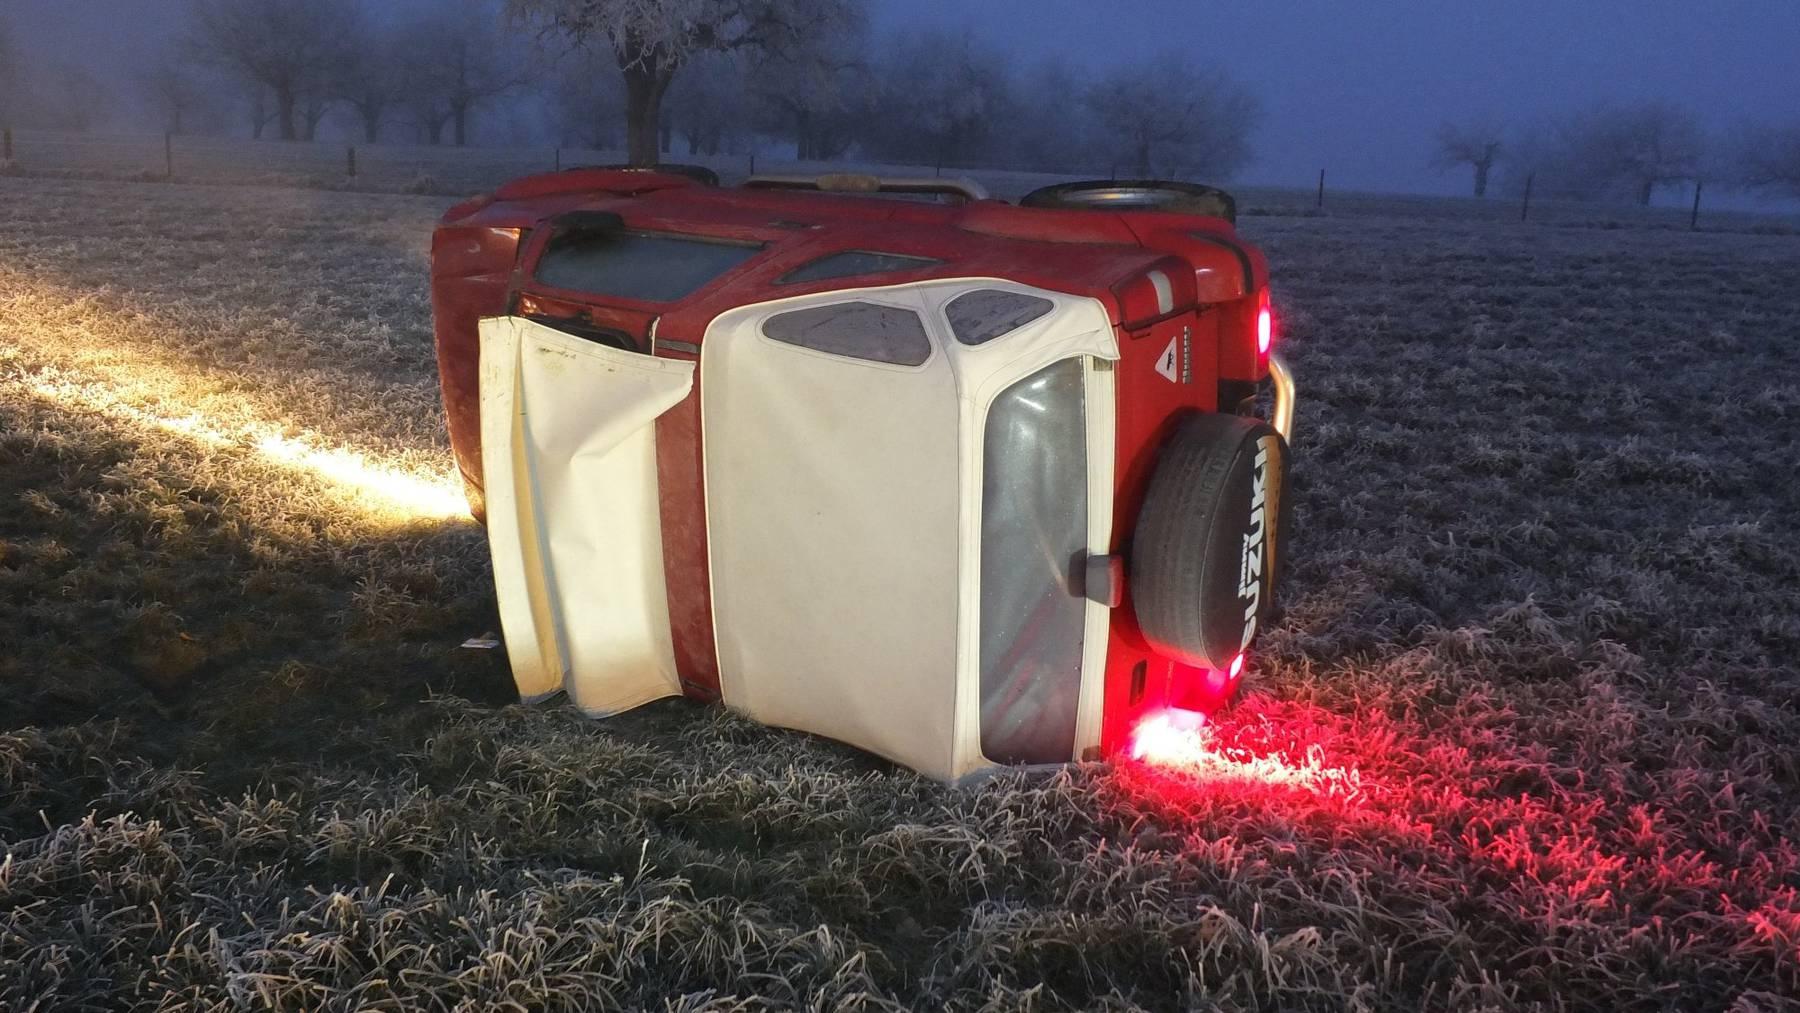 Am Auto, das sich in Wittenbach überschlug, entstand ein Sachschaden von 5000 Franken.